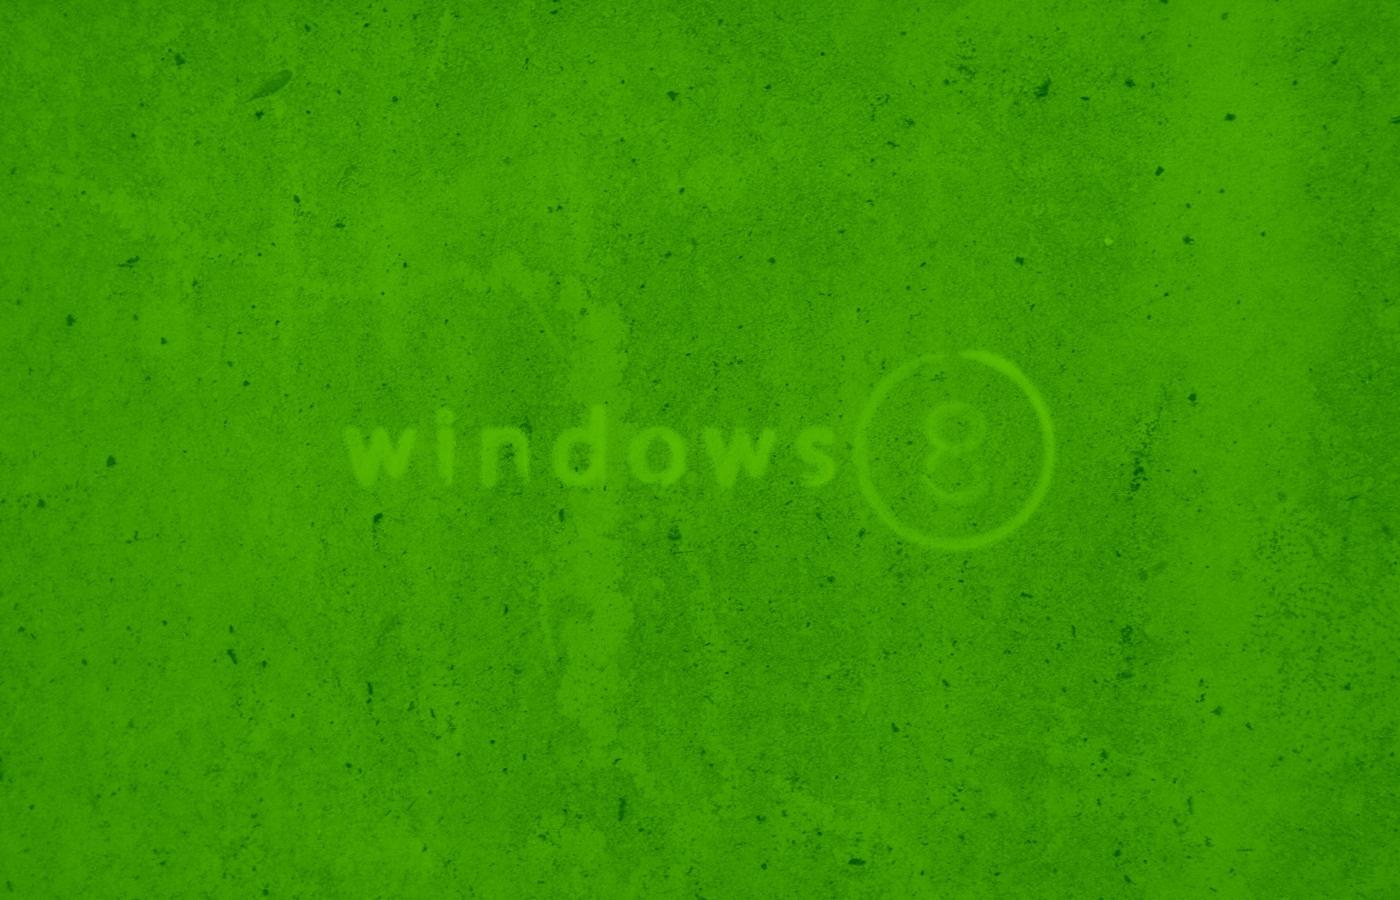 第三方windows 8壁纸集锦